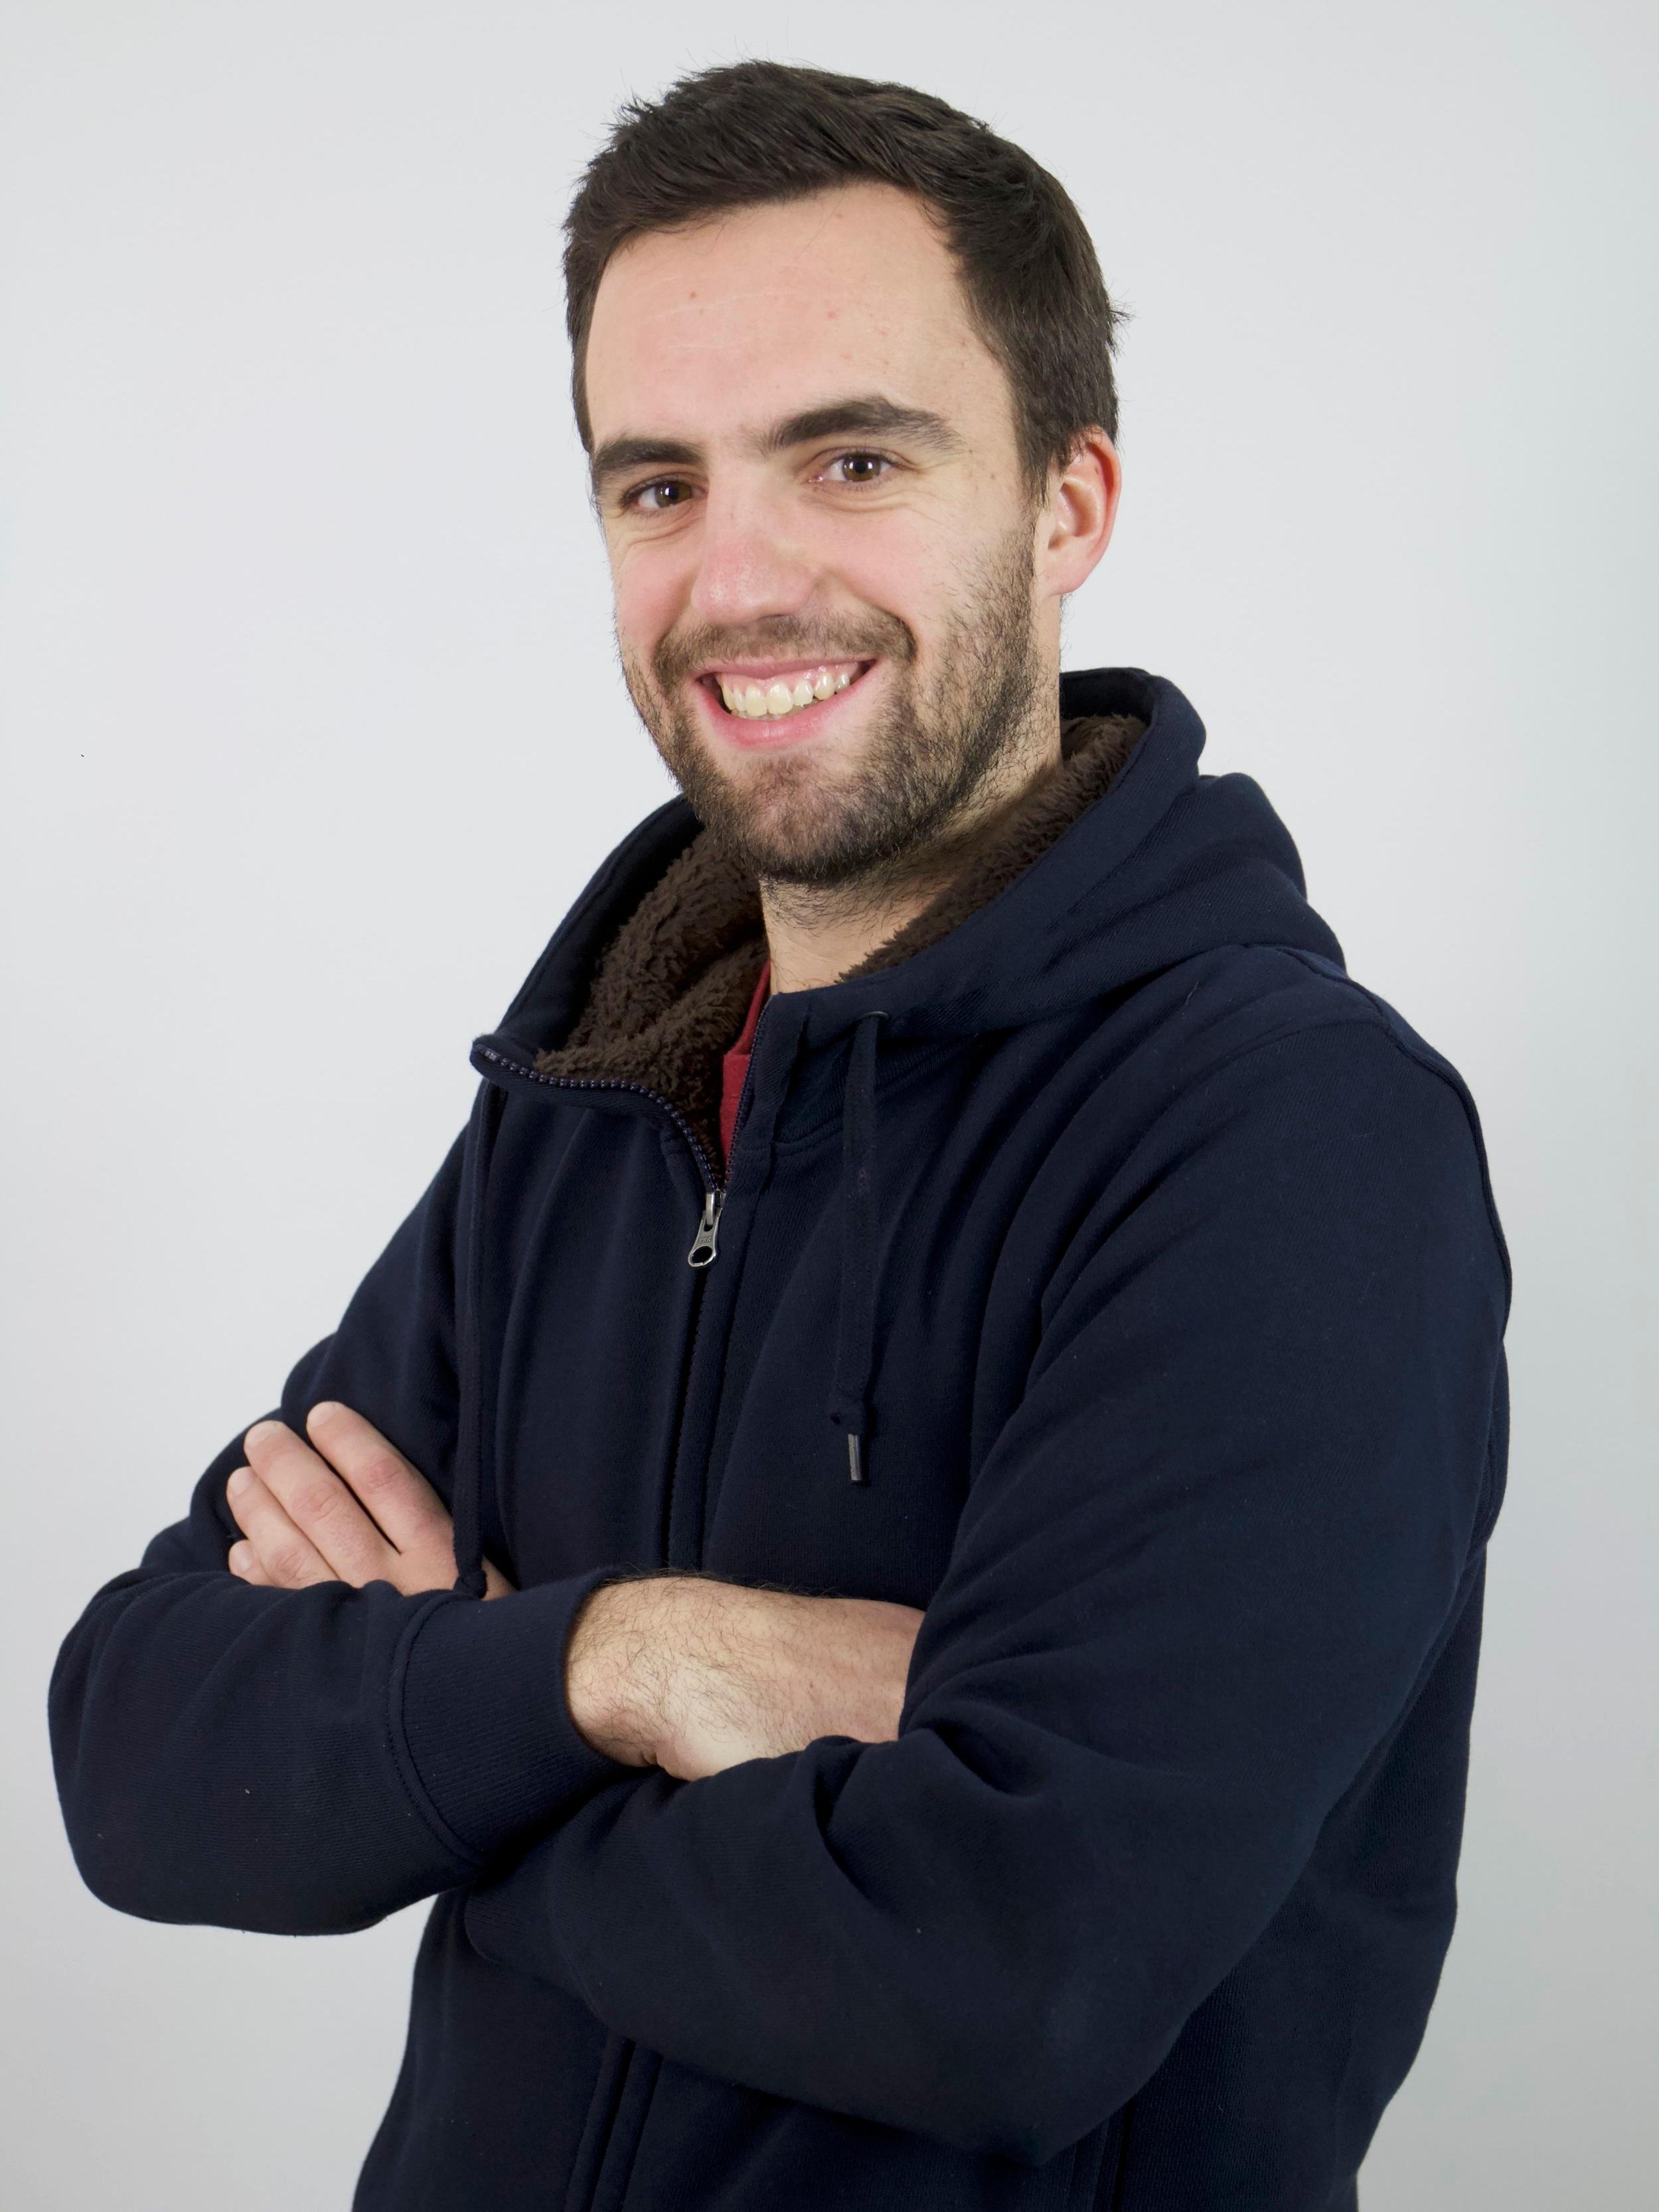 Hugo n. - Shift Leader